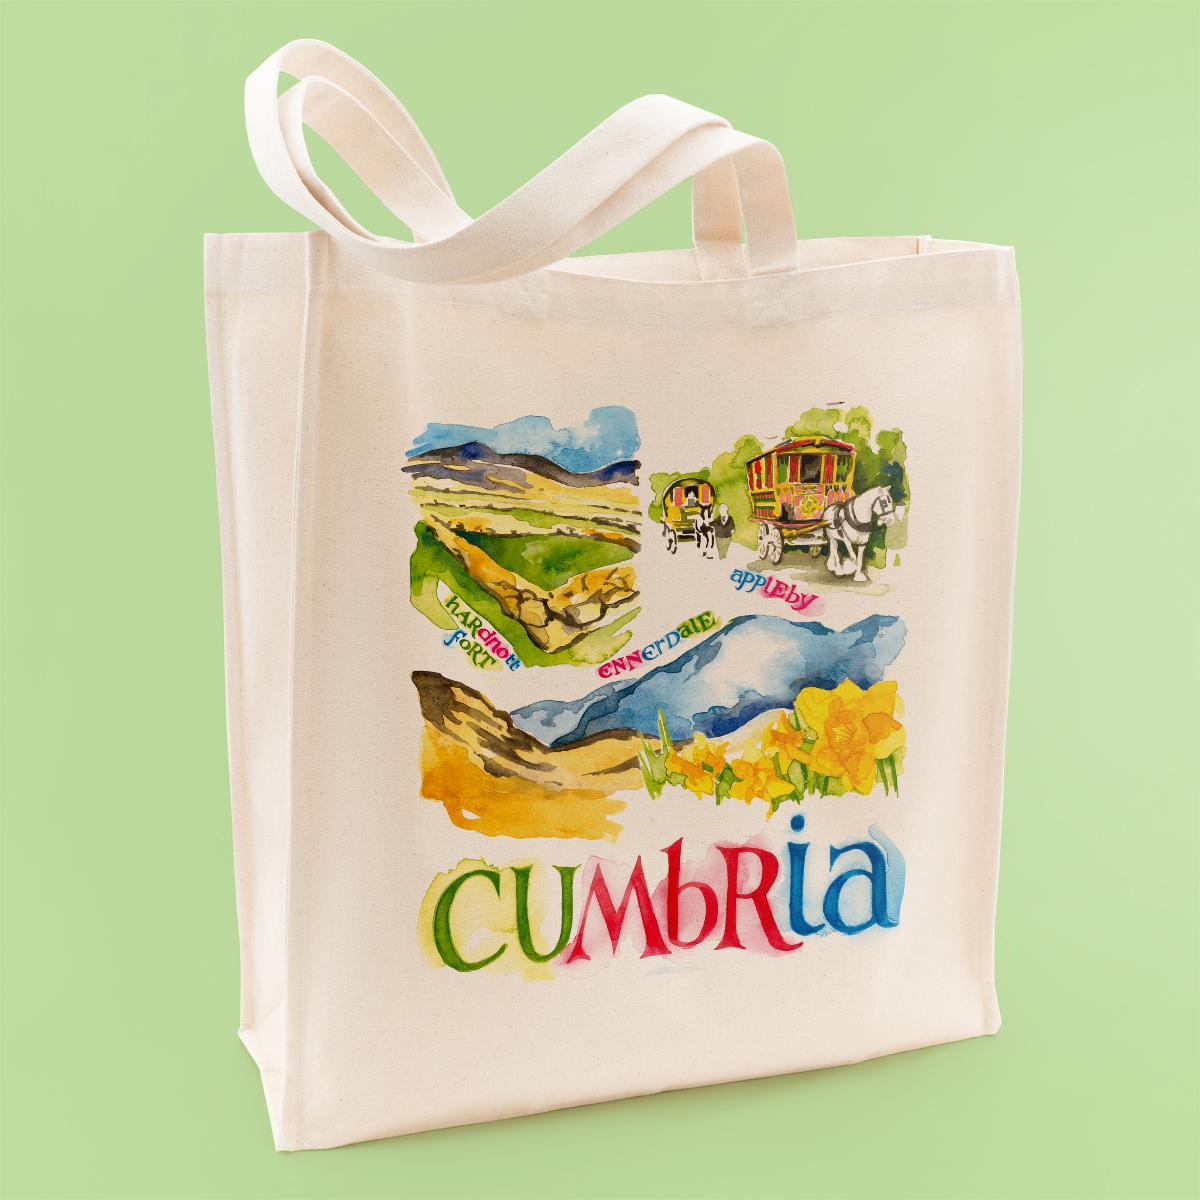 Cumbria_Bag